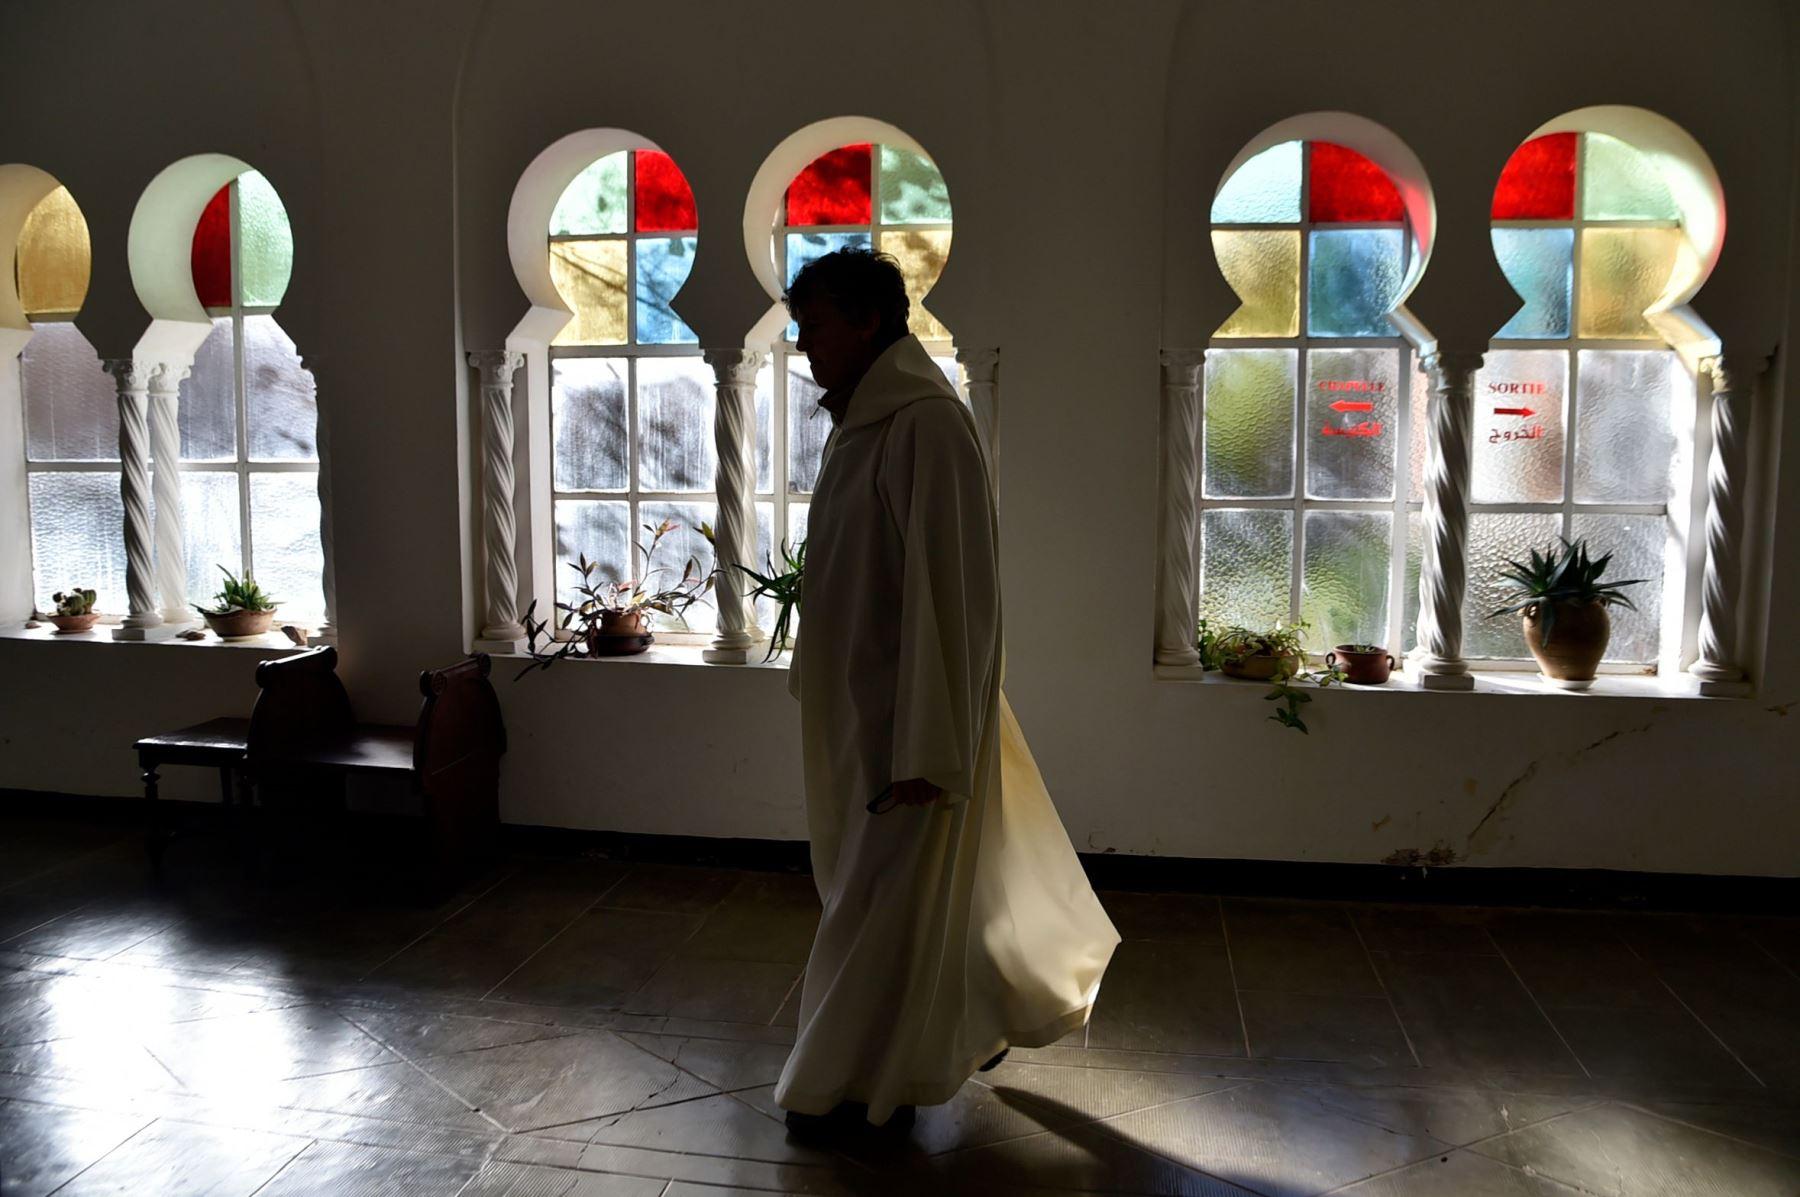 Un monje se prepara para orar en el monasterio de Tibhirine Foto: EFE